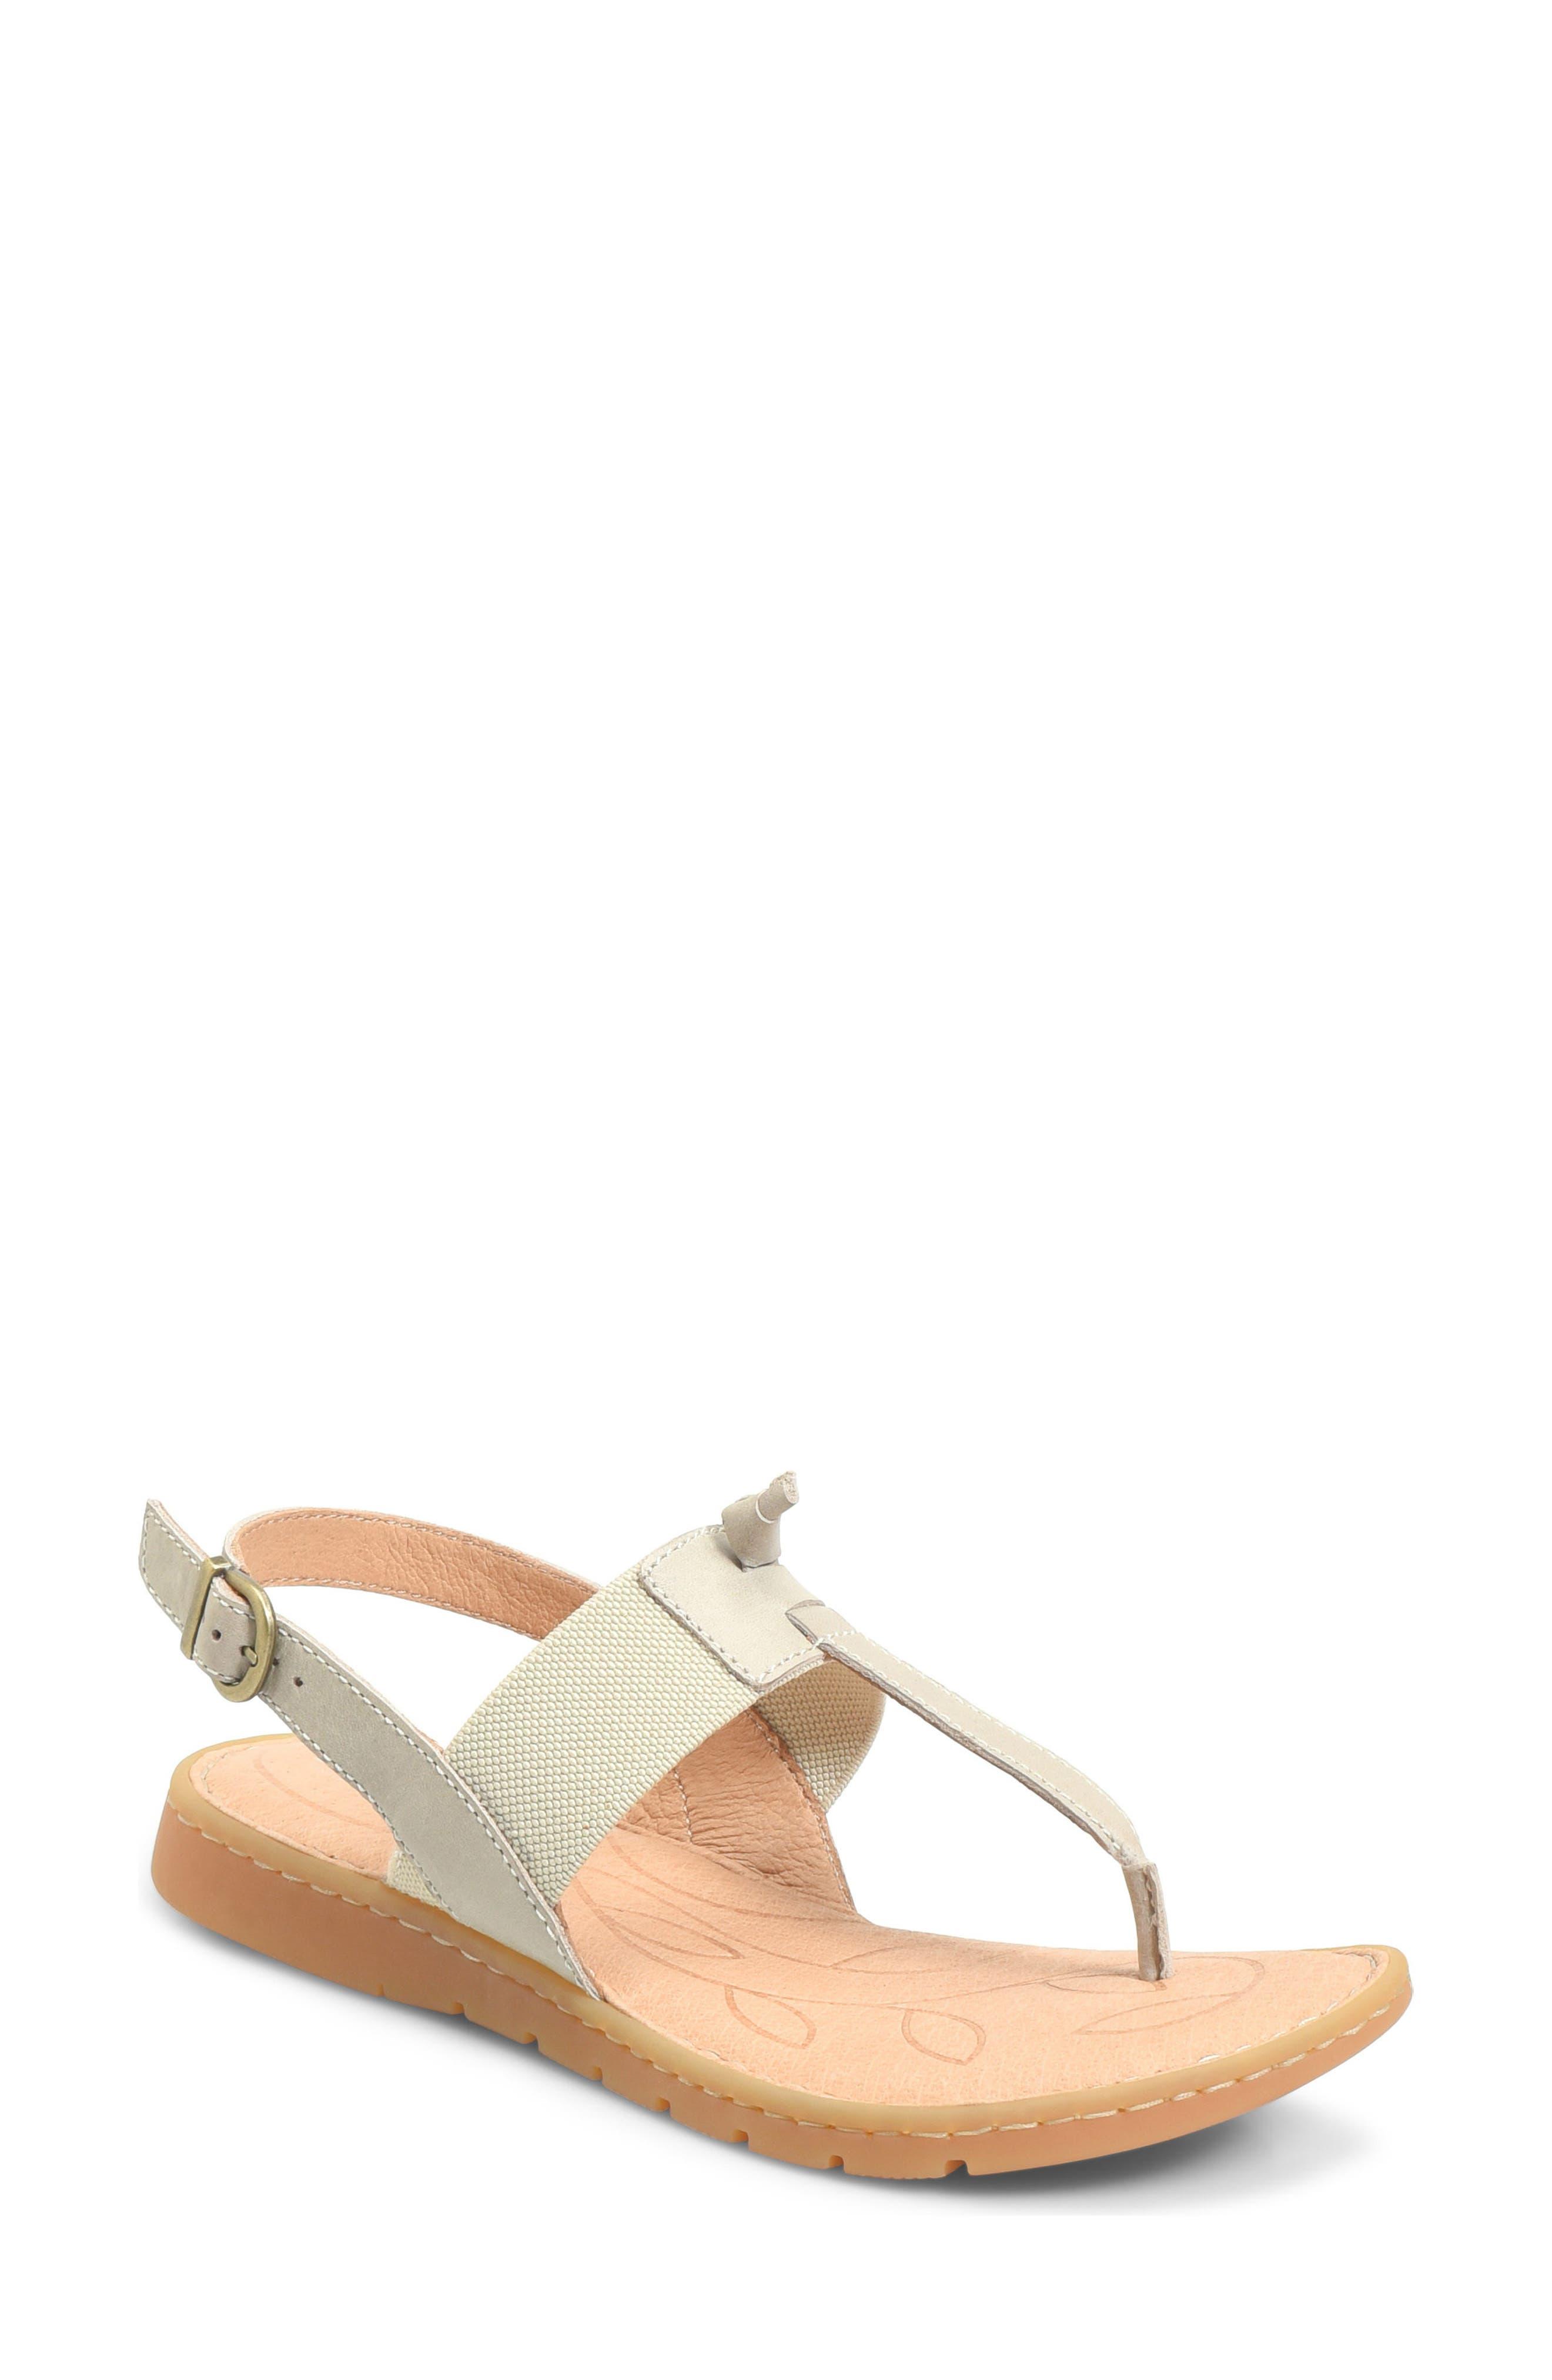 Siri Sandal,                         Main,                         color, Cream Leather